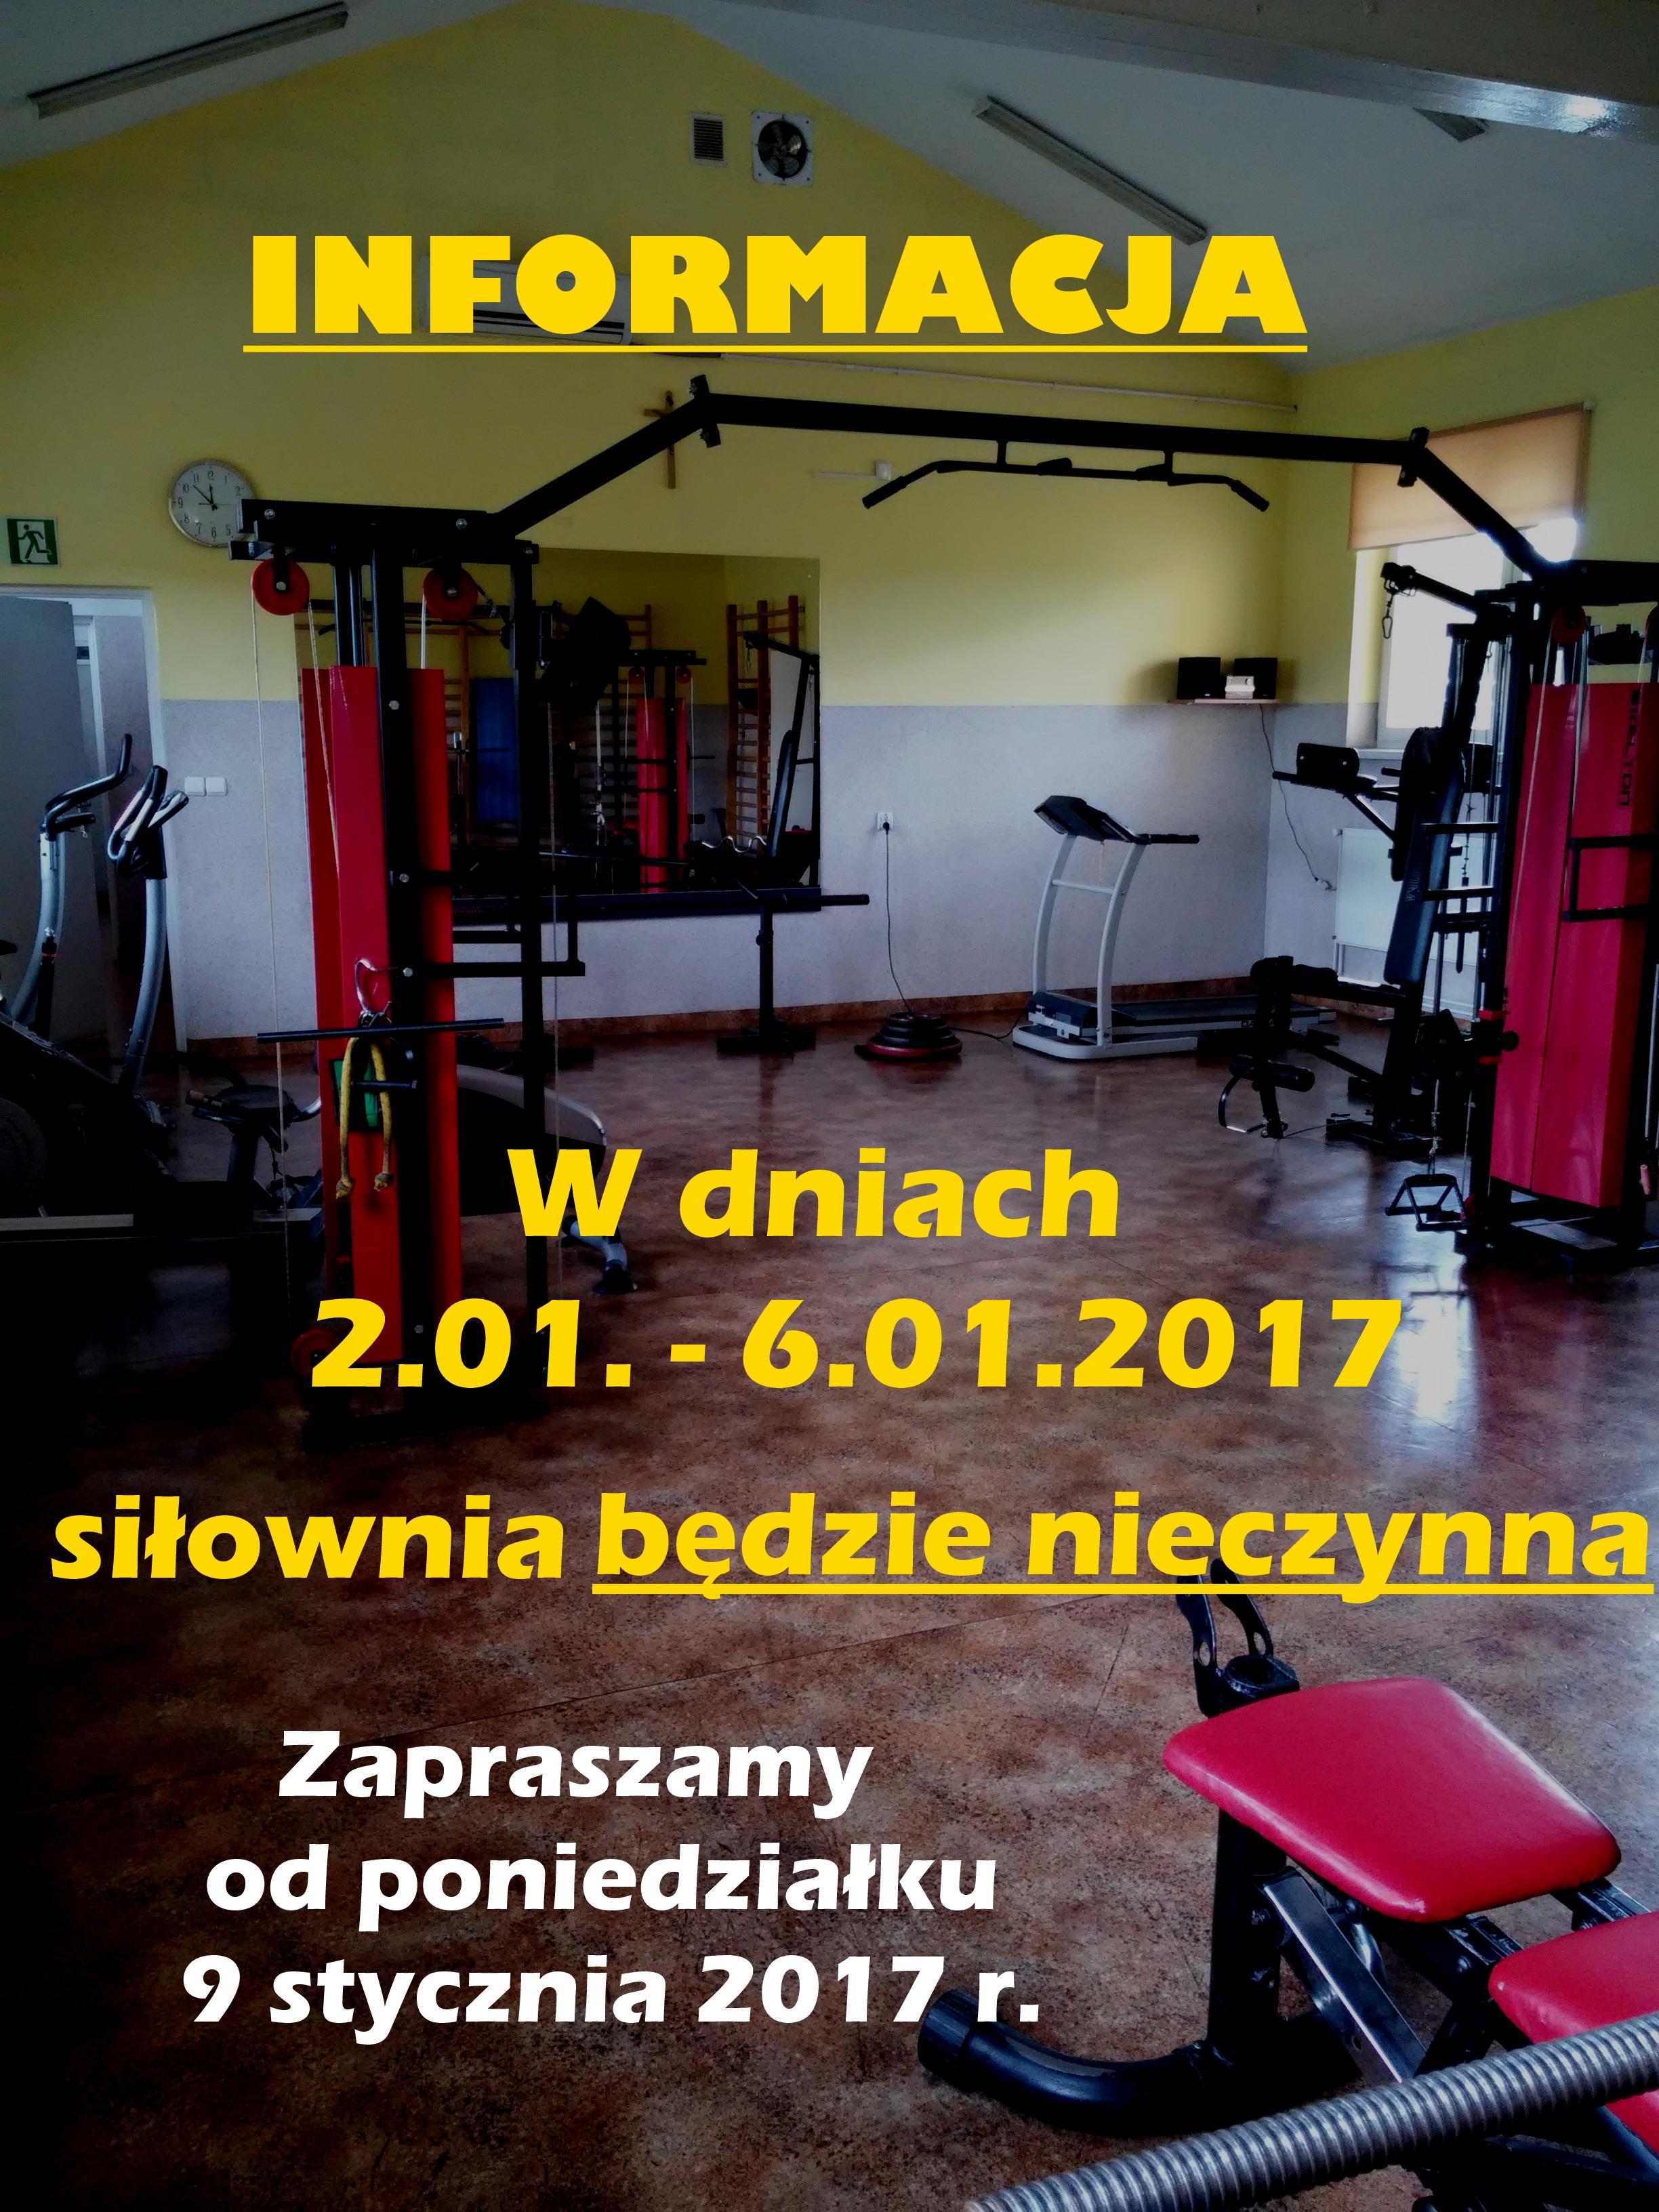 6 01 2017 – siłownia nieczynna